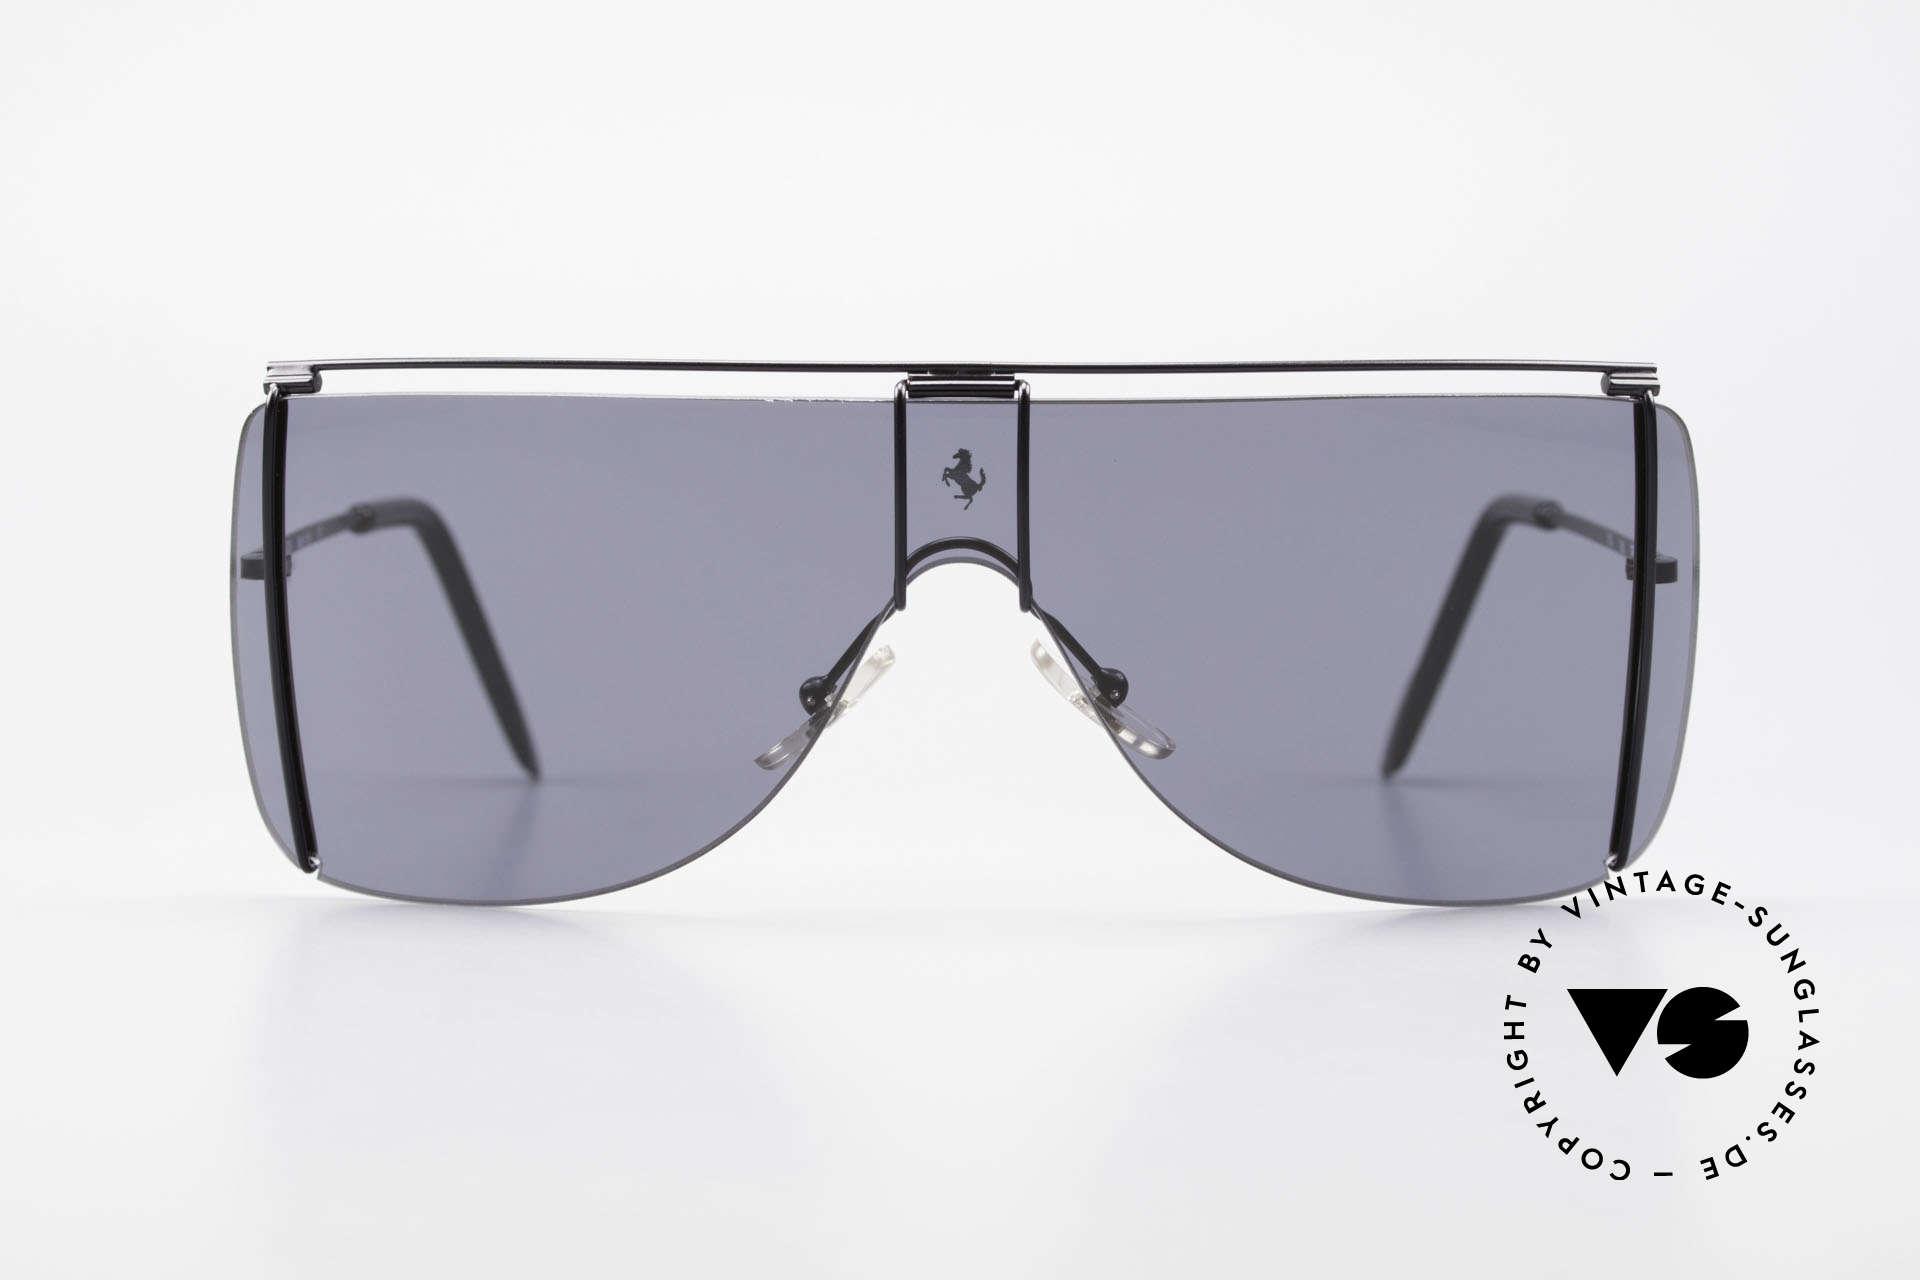 Ferrari F20/S Luxus Sonnenbrille Kylie Jenner, Panorama-Scheibe für ideale 'Rundumsicht', Passend für Herren und Damen